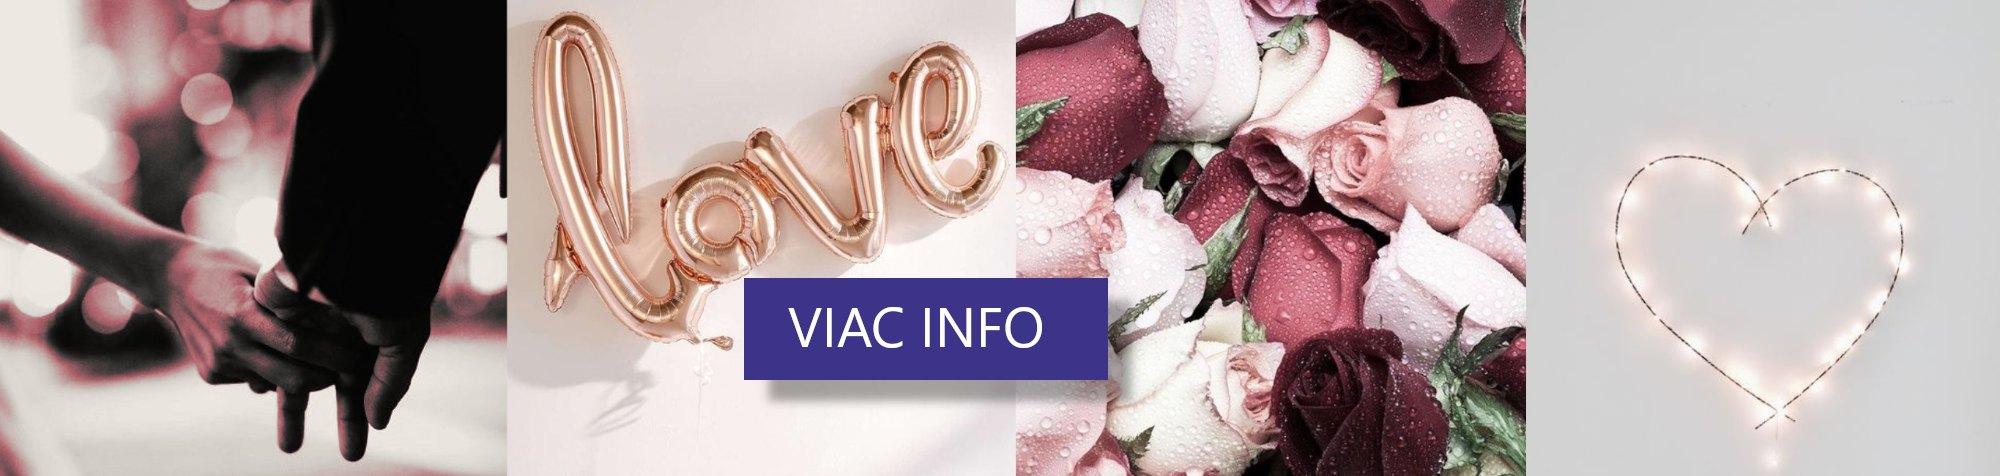 https://www.tevos.sk/wp-content/uploads/2019/02/valentin1.jpg